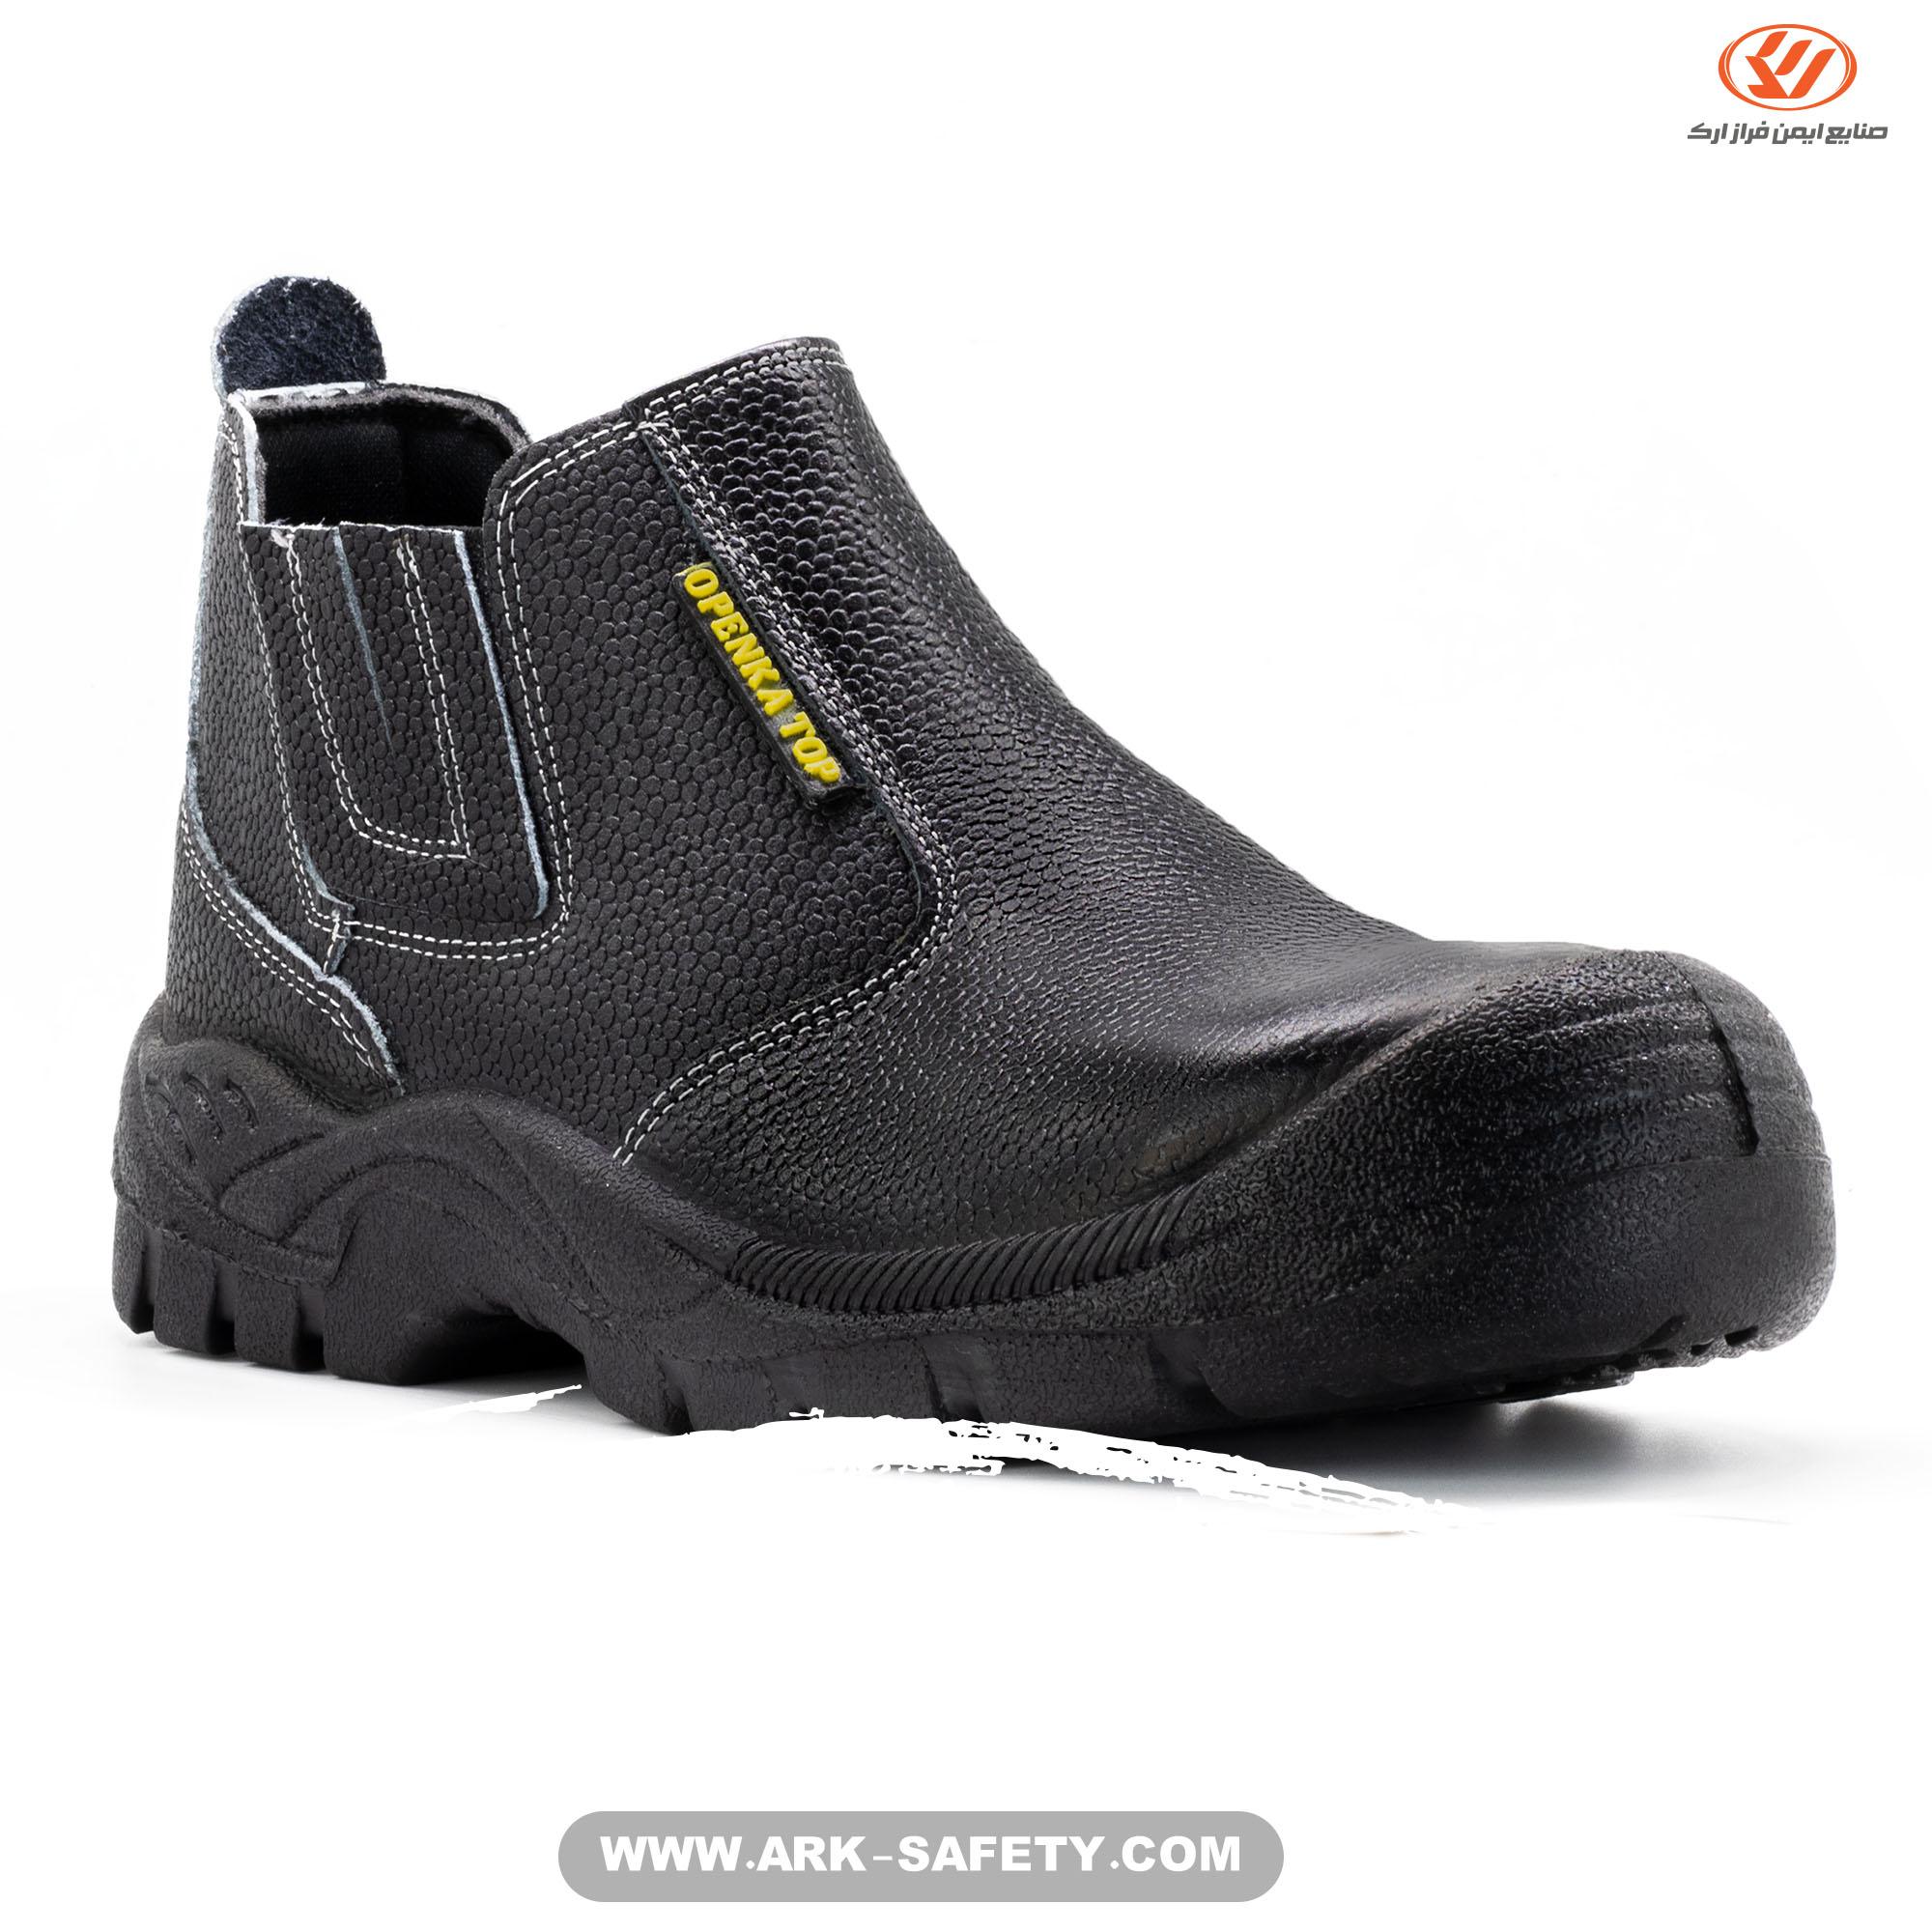 Openka Welding shoe